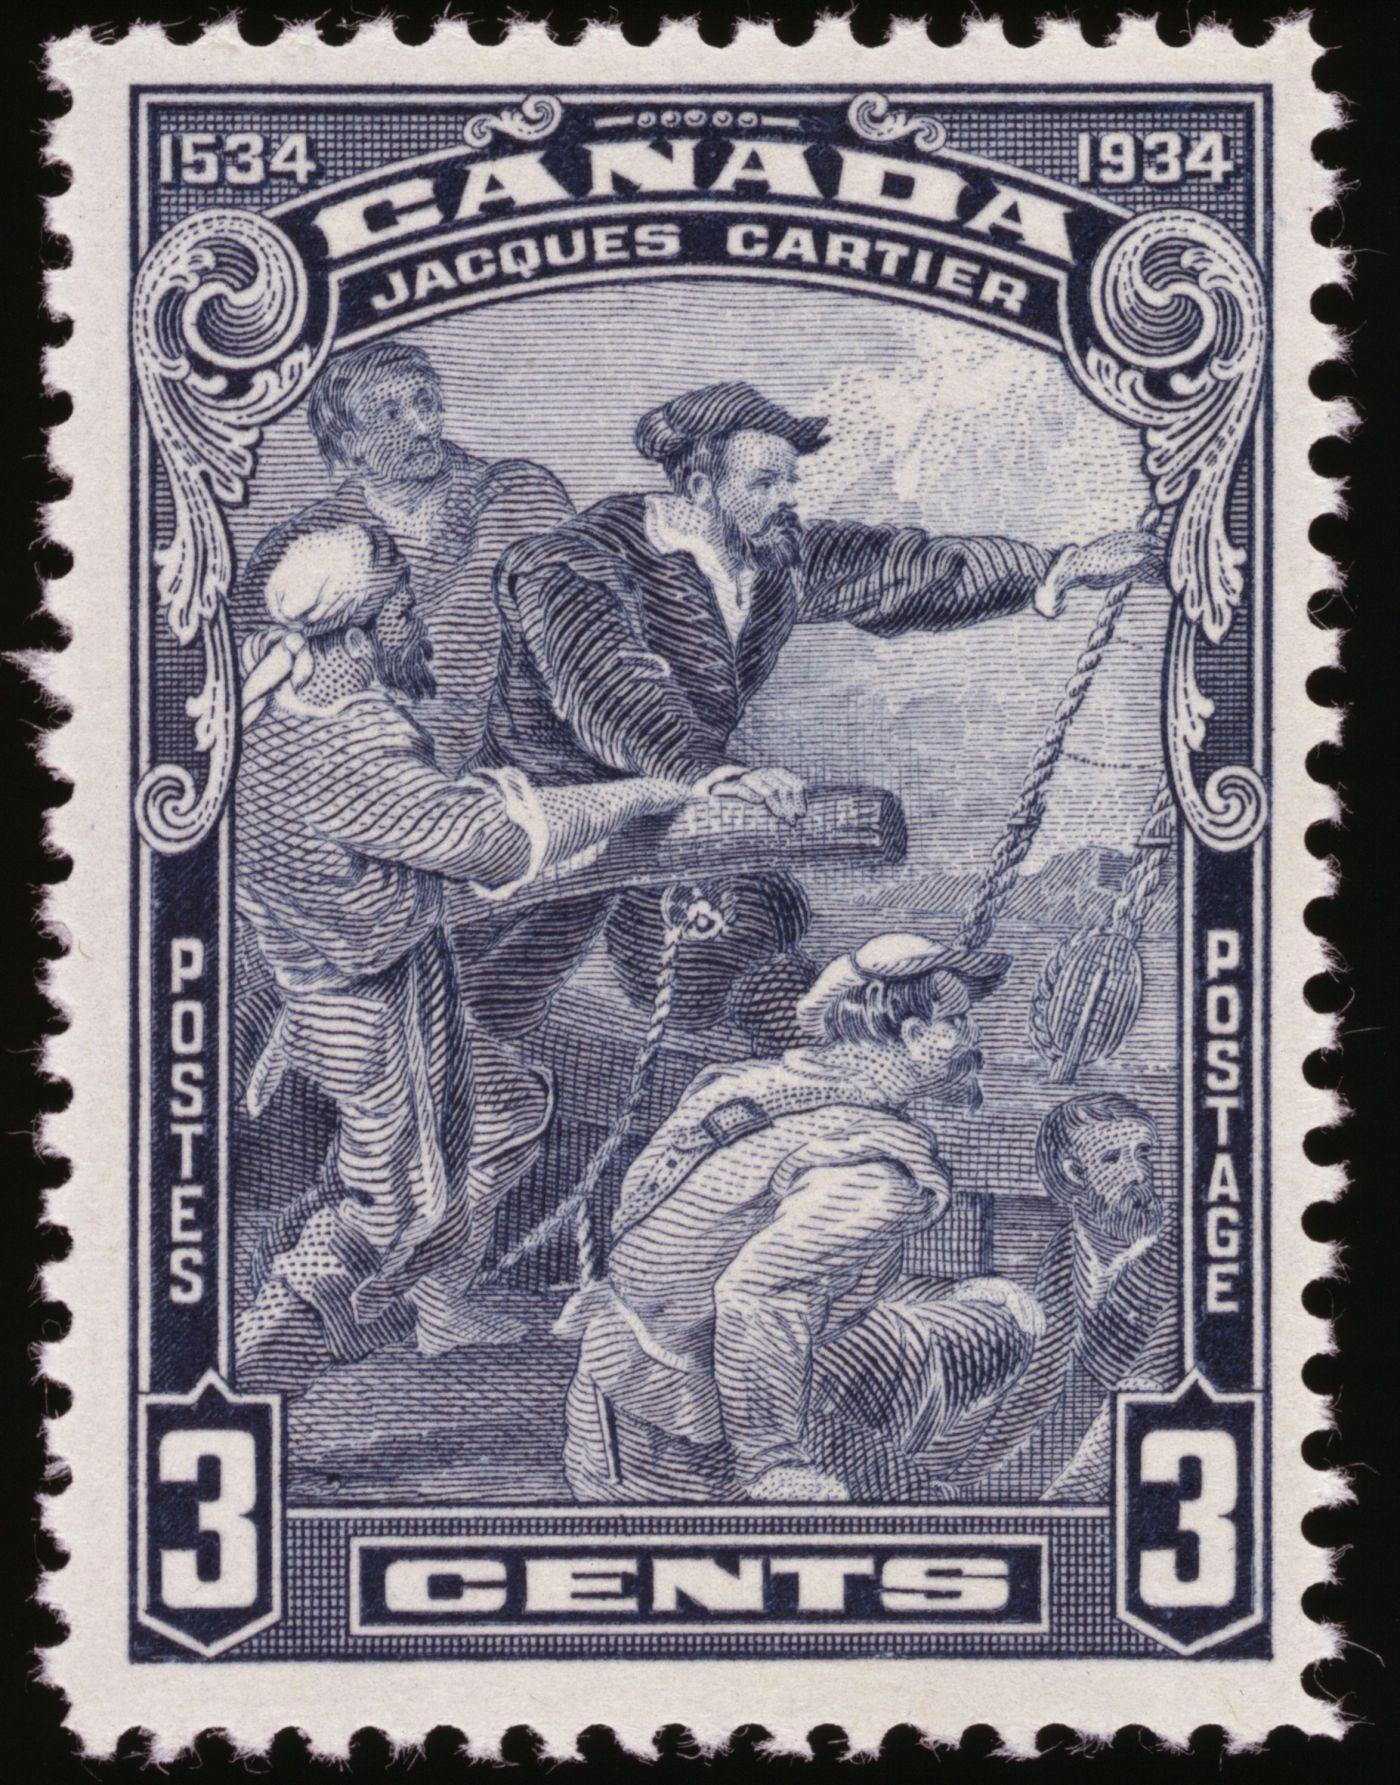 Photographie en couleur d'un timbre-poste canadien, d'une valeur de 3 cents. Cinq marins s'activent sur le pont d'un navire, regardant à l'horizon. Celui dont la coiffure traduit un rang plus élevé, a la main sur le gouvernail. Le texte est dactylographié en français et en anglais.